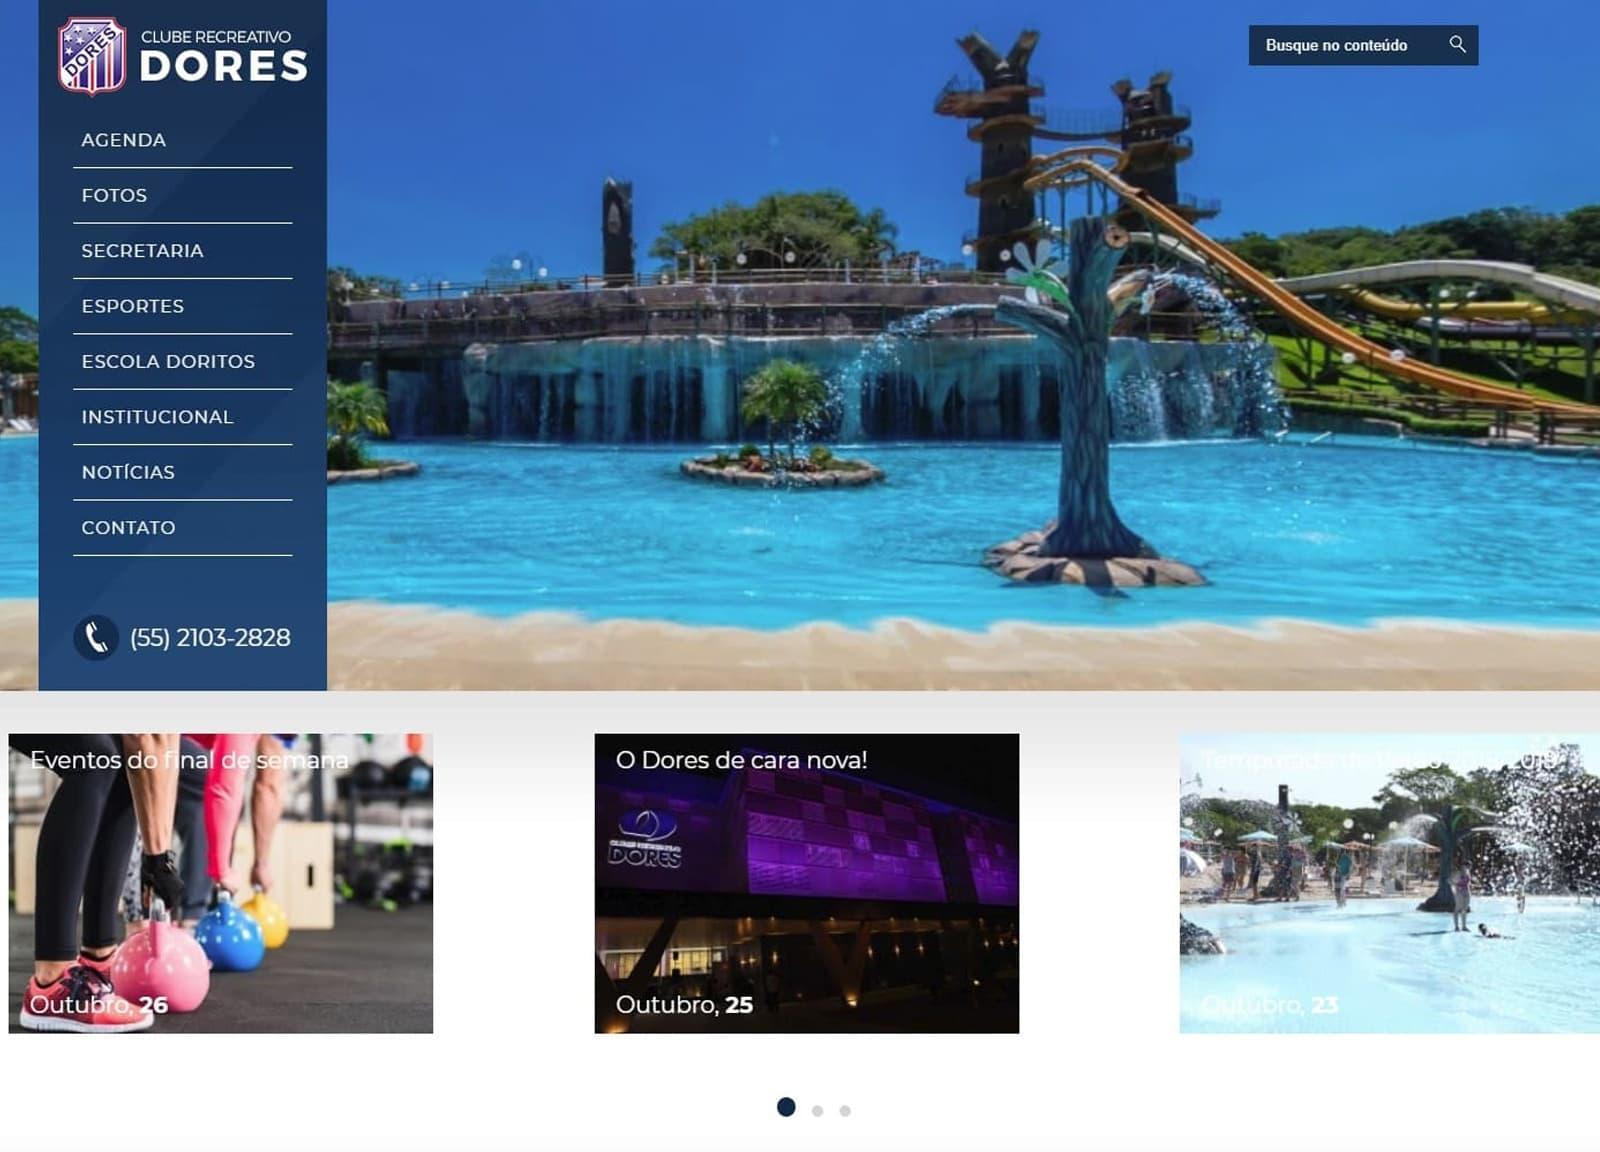 Novo site do Clube Dores